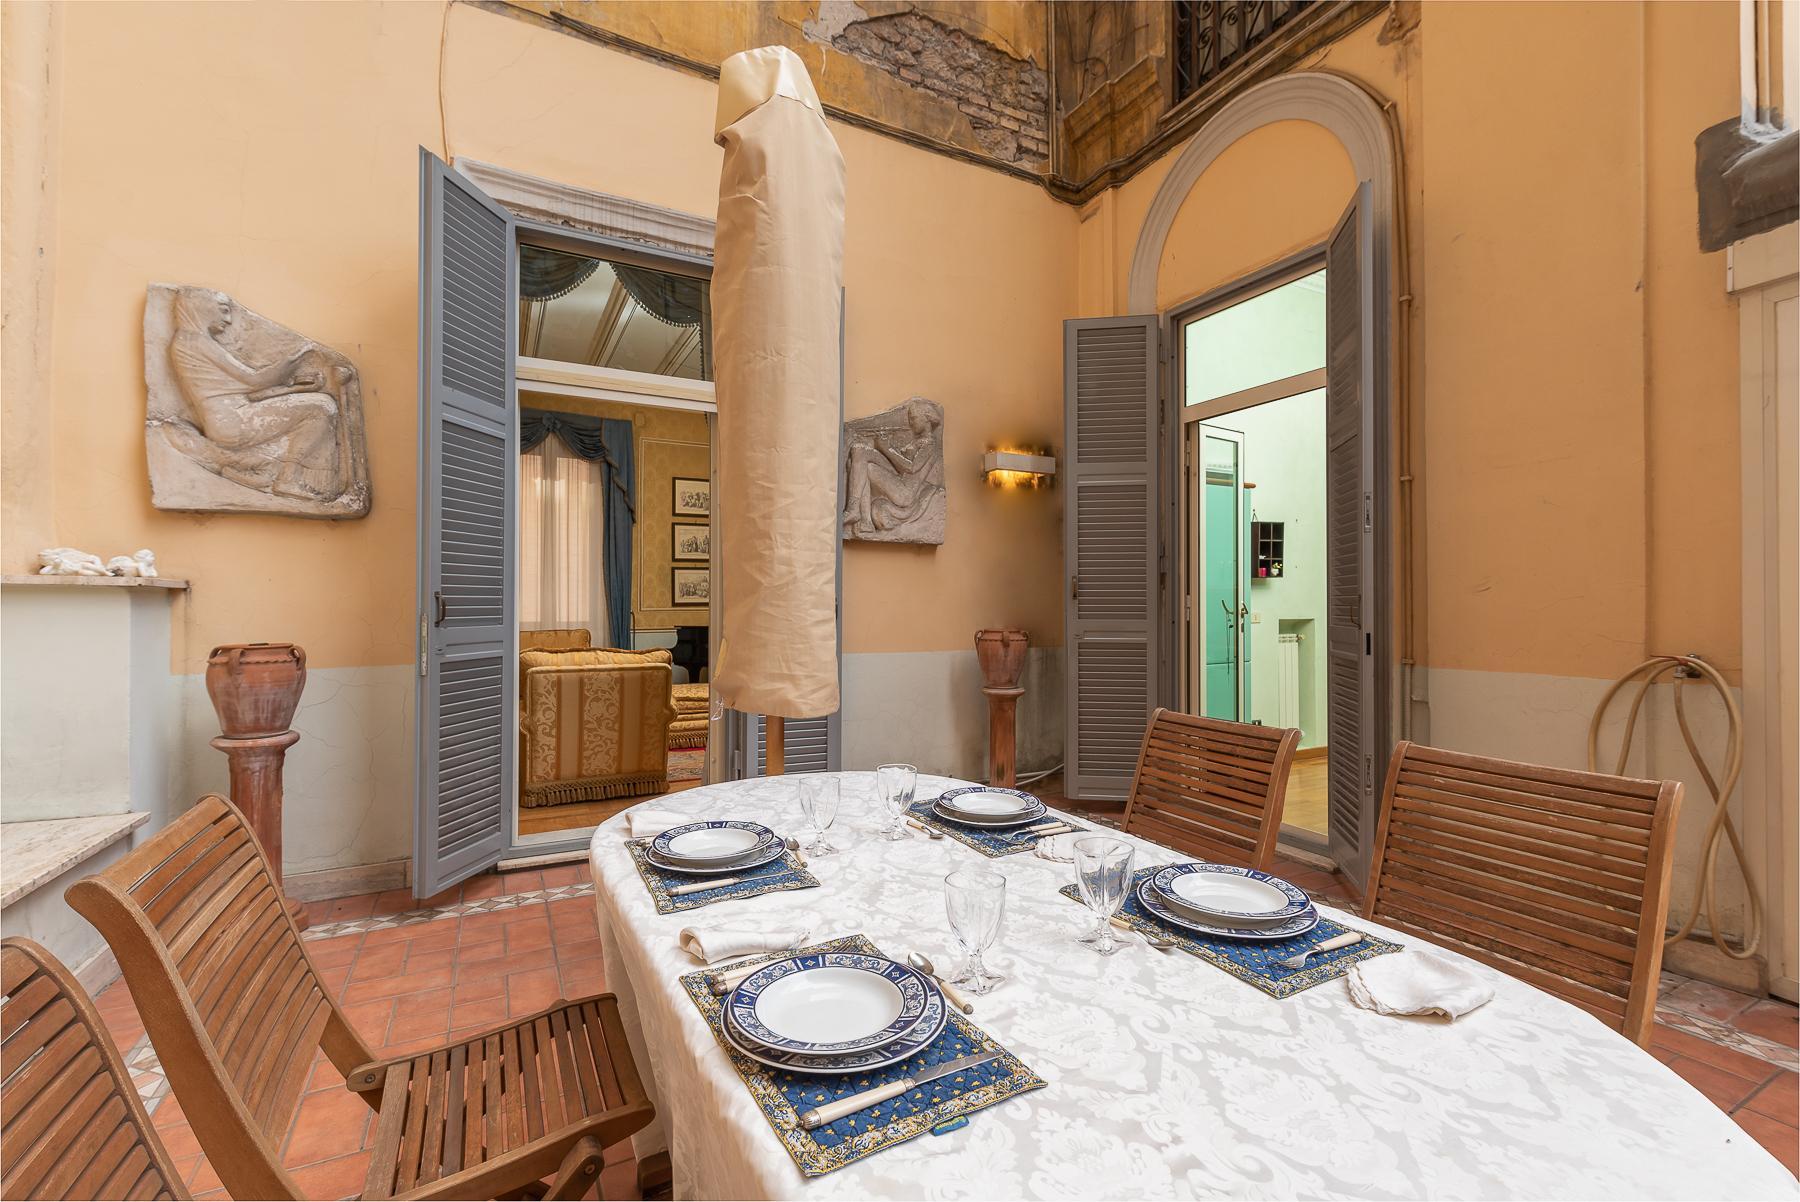 Роскошная квартира с большой террасой  в элегантном здании начала 900 года - 12